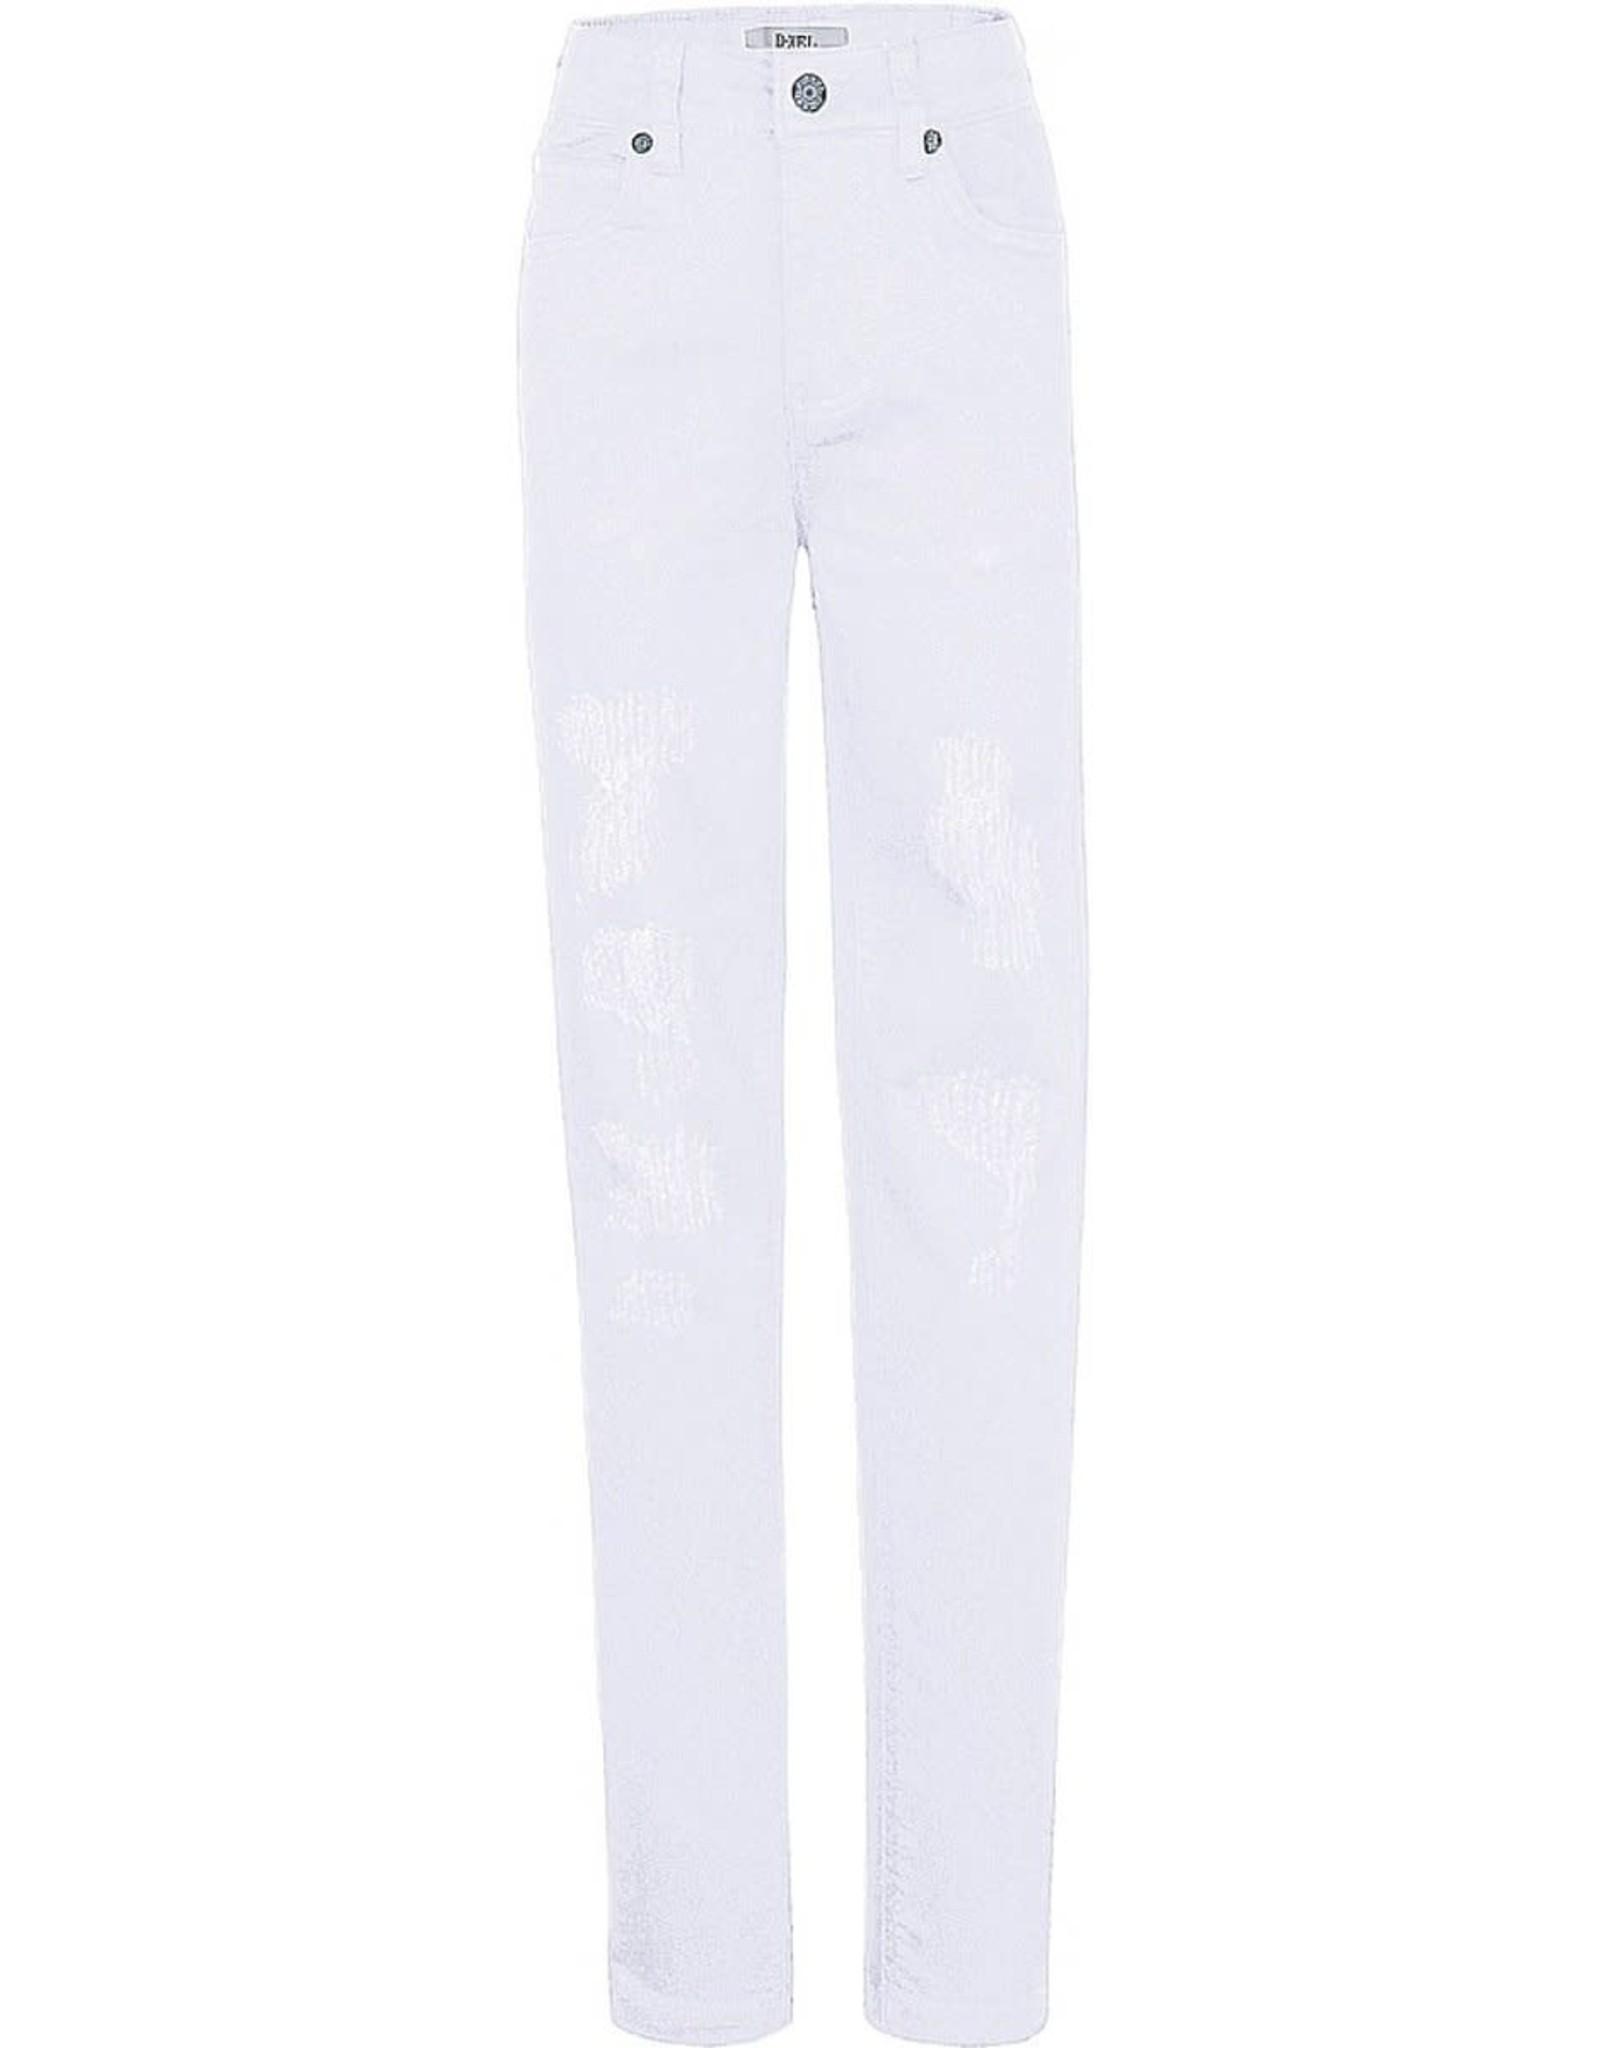 D-Xel D-Xel meiden High Waist Slim jeans Donna White